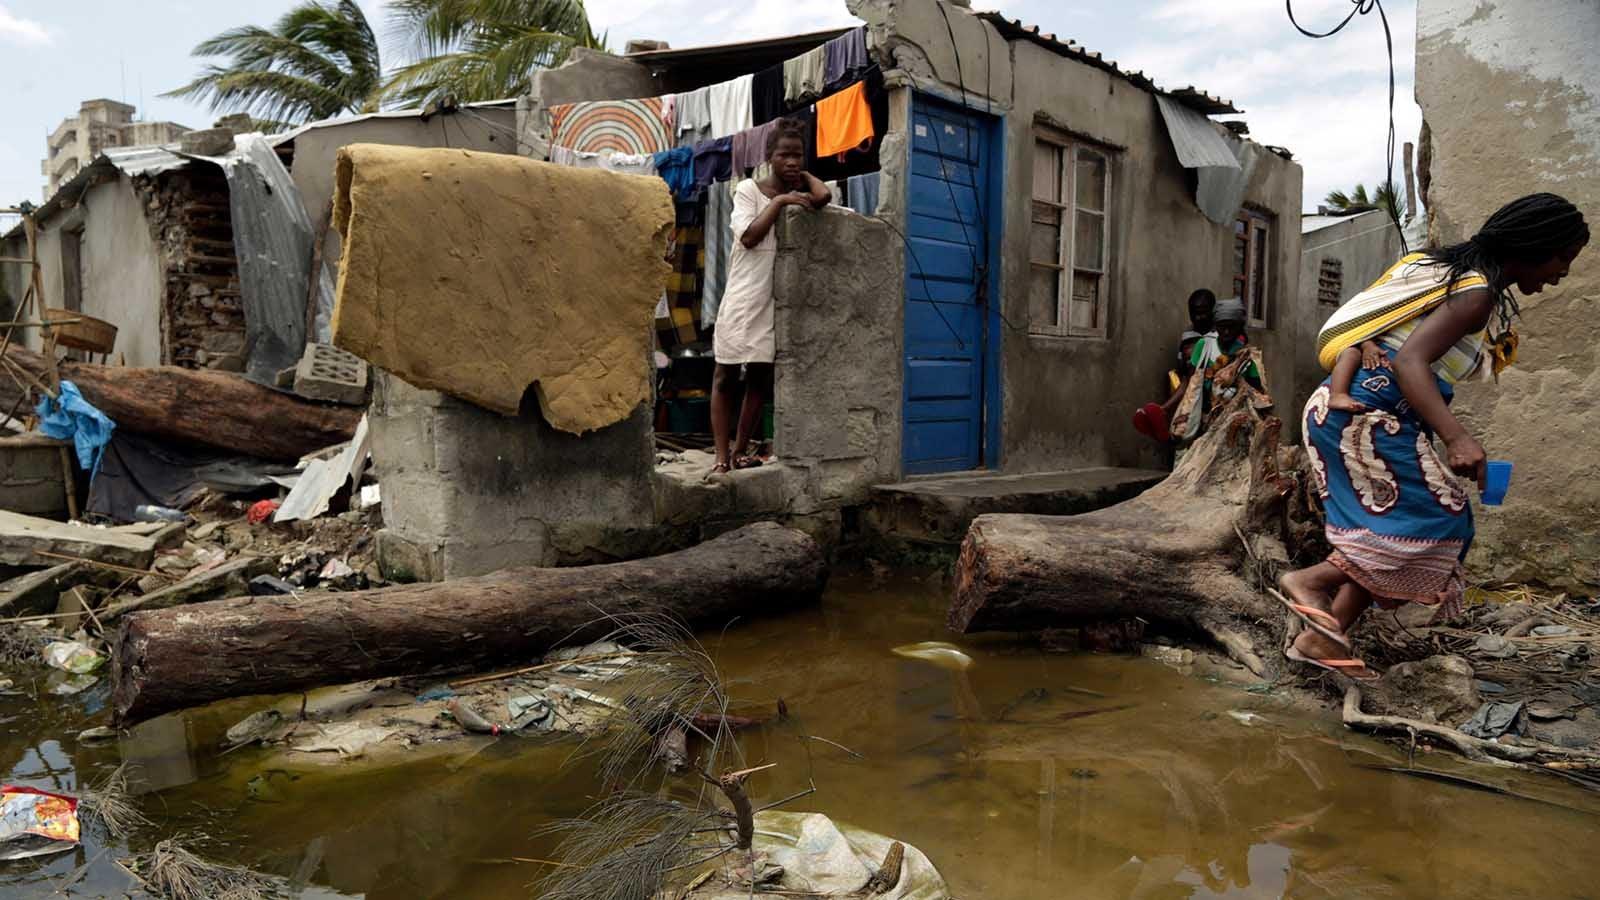 Wetter-Ticker: Zahl der Cholera-Fälle in Mosambik steigt rasant